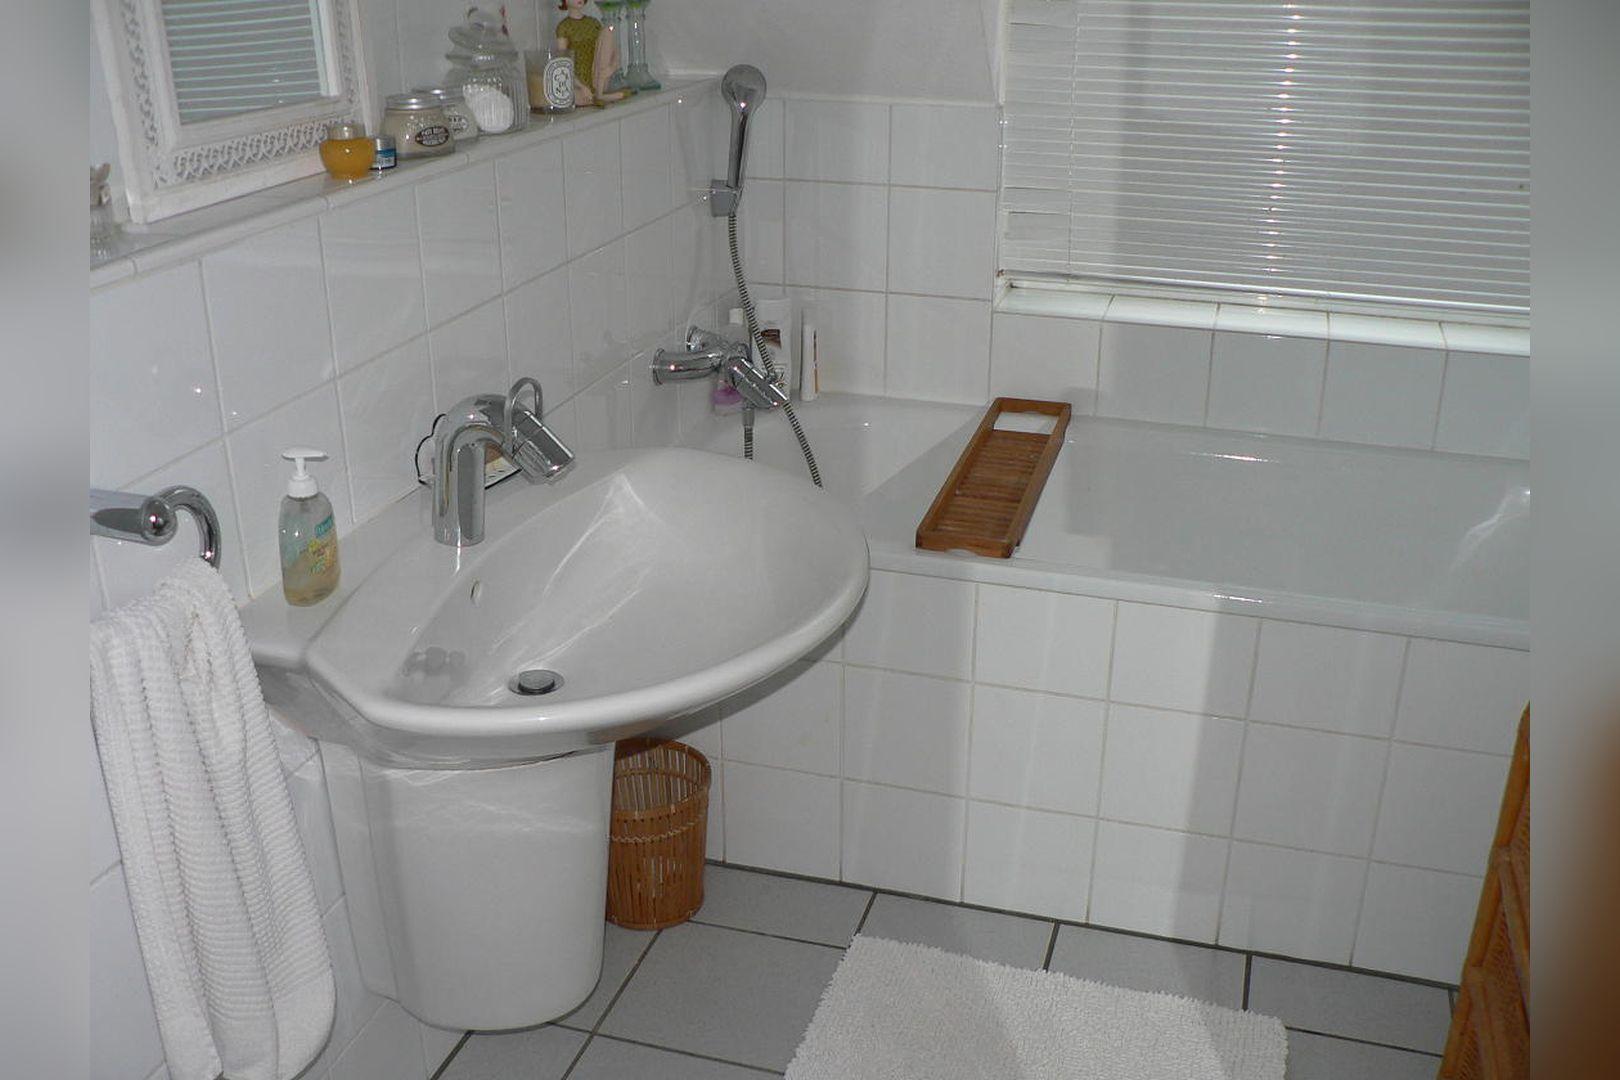 Immobilie Nr.0261 - Reihenmittelhaus mit Garten, Garage u. Stellpl. - Bild 5.jpg